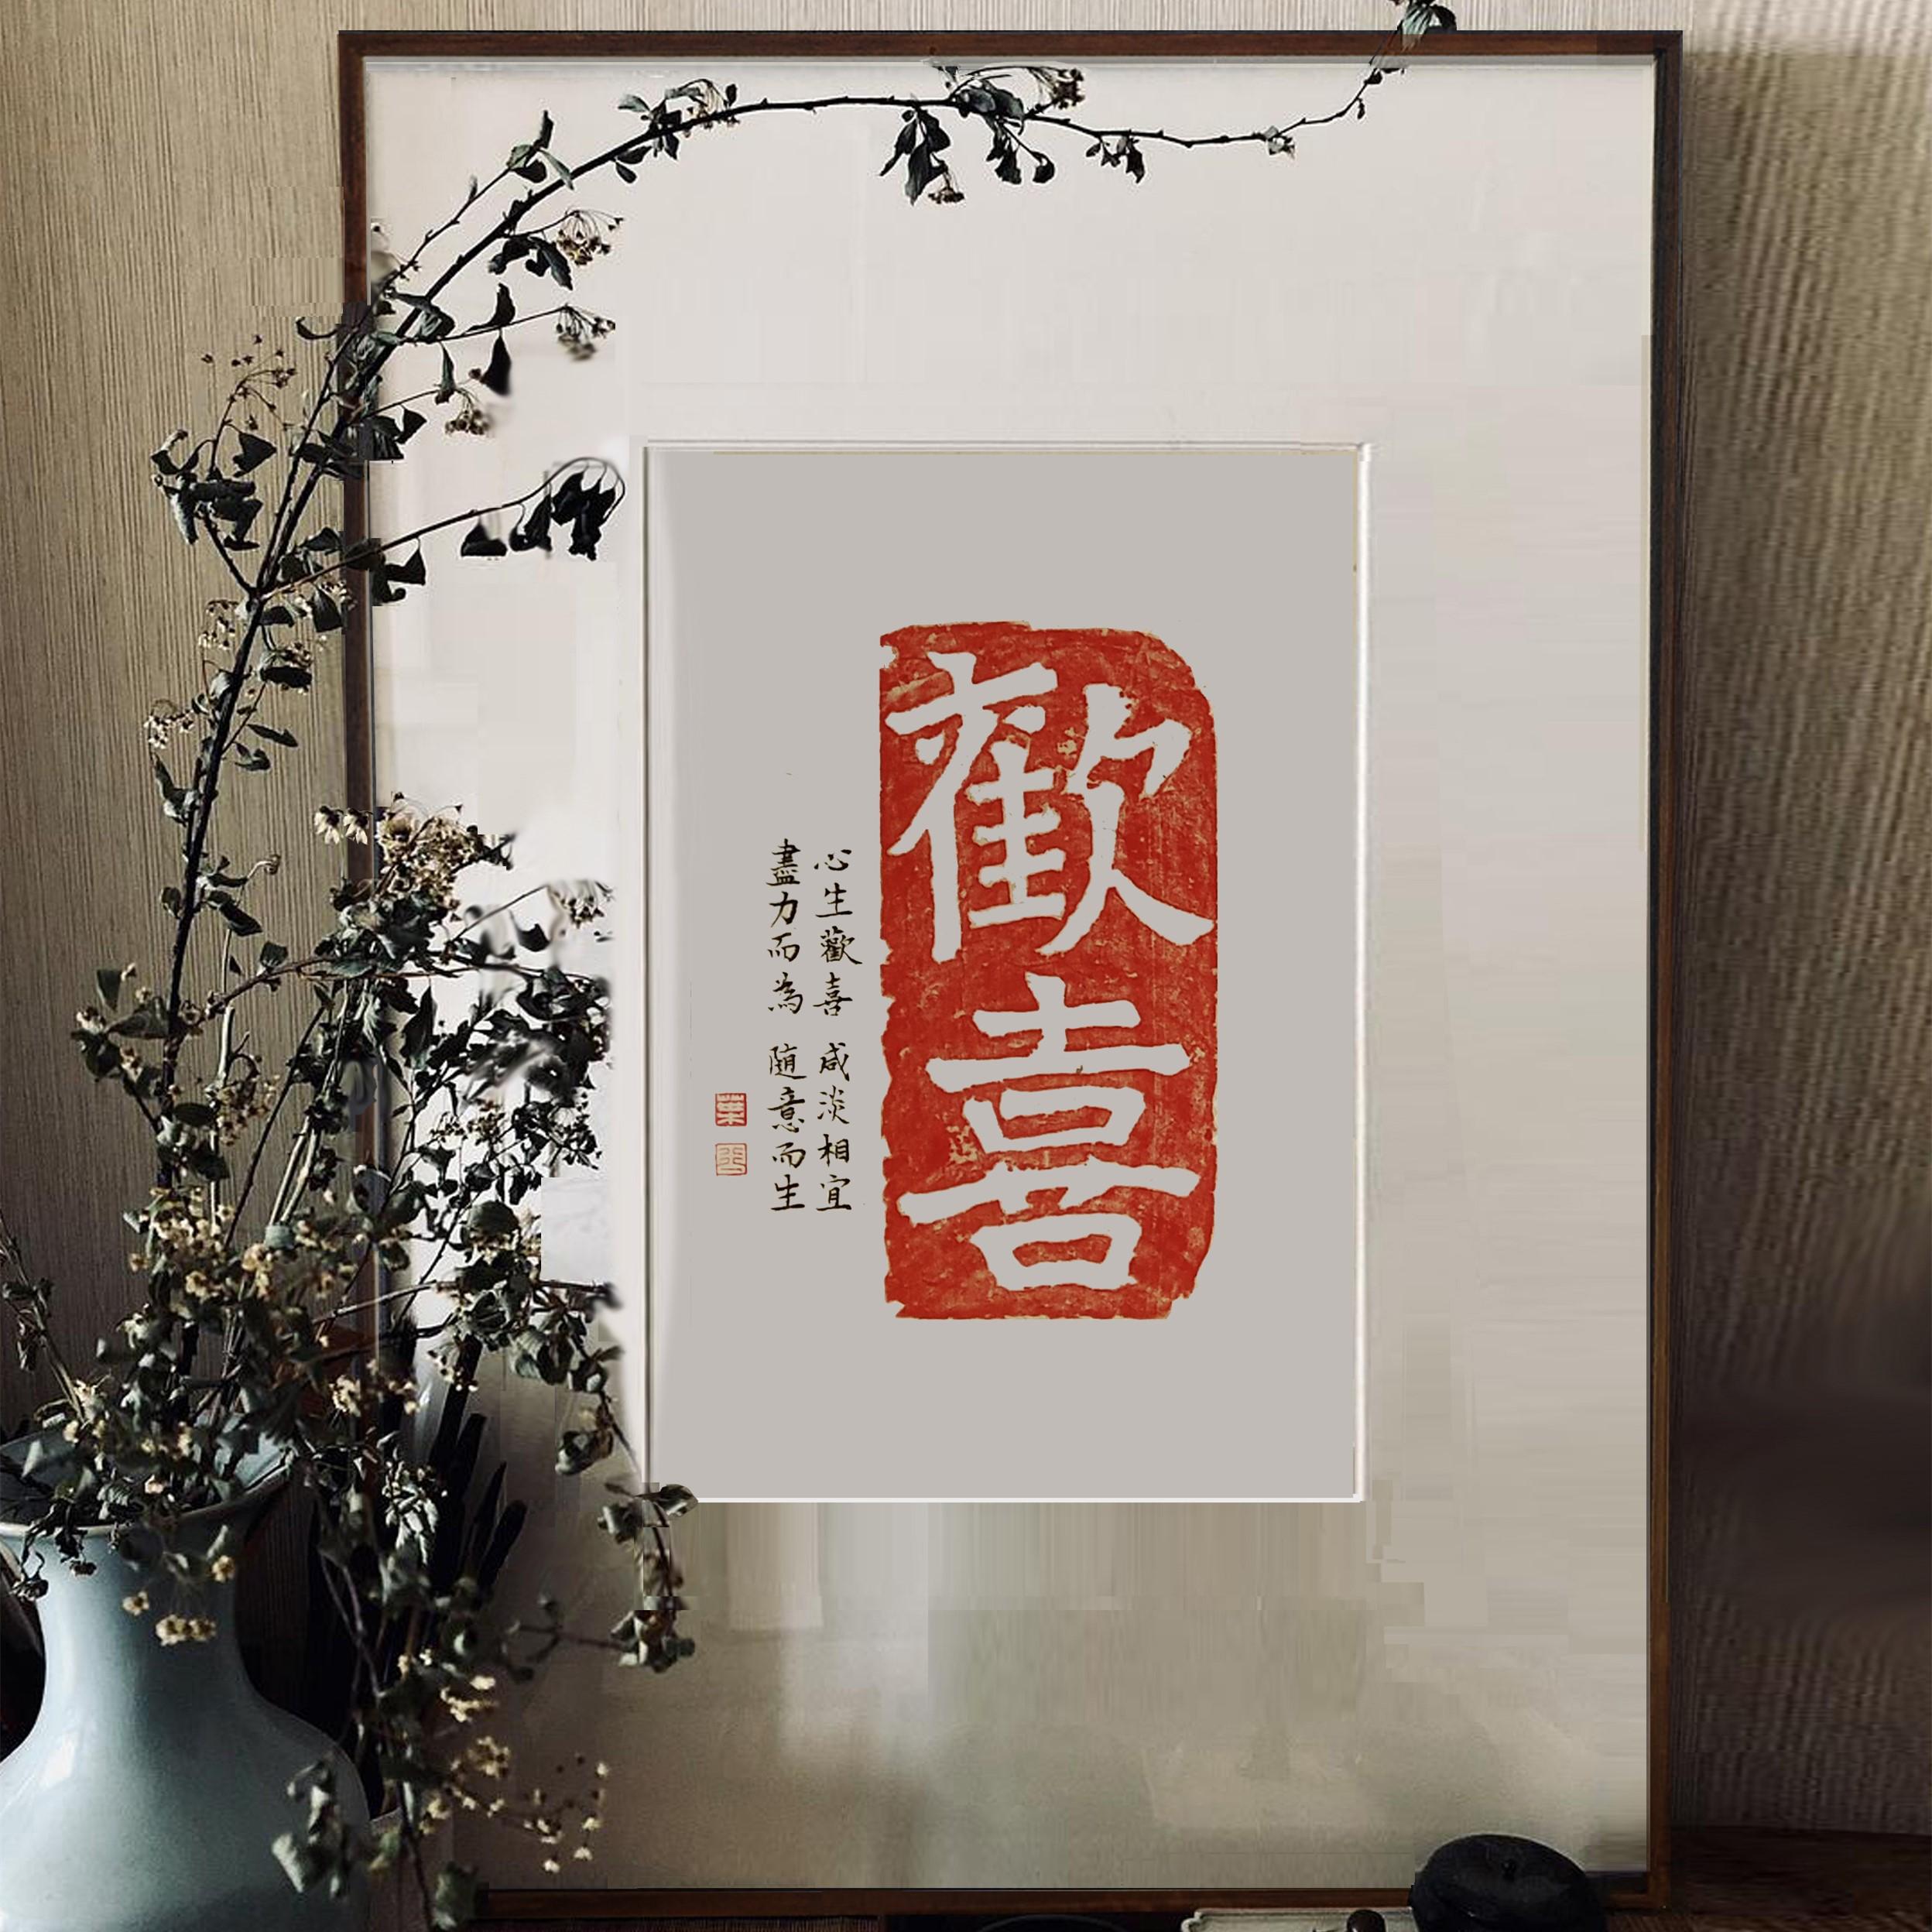 板與磚出品歡喜古磚拓片喜樂平安新婚喬遷工作室家居書法裝飾畫